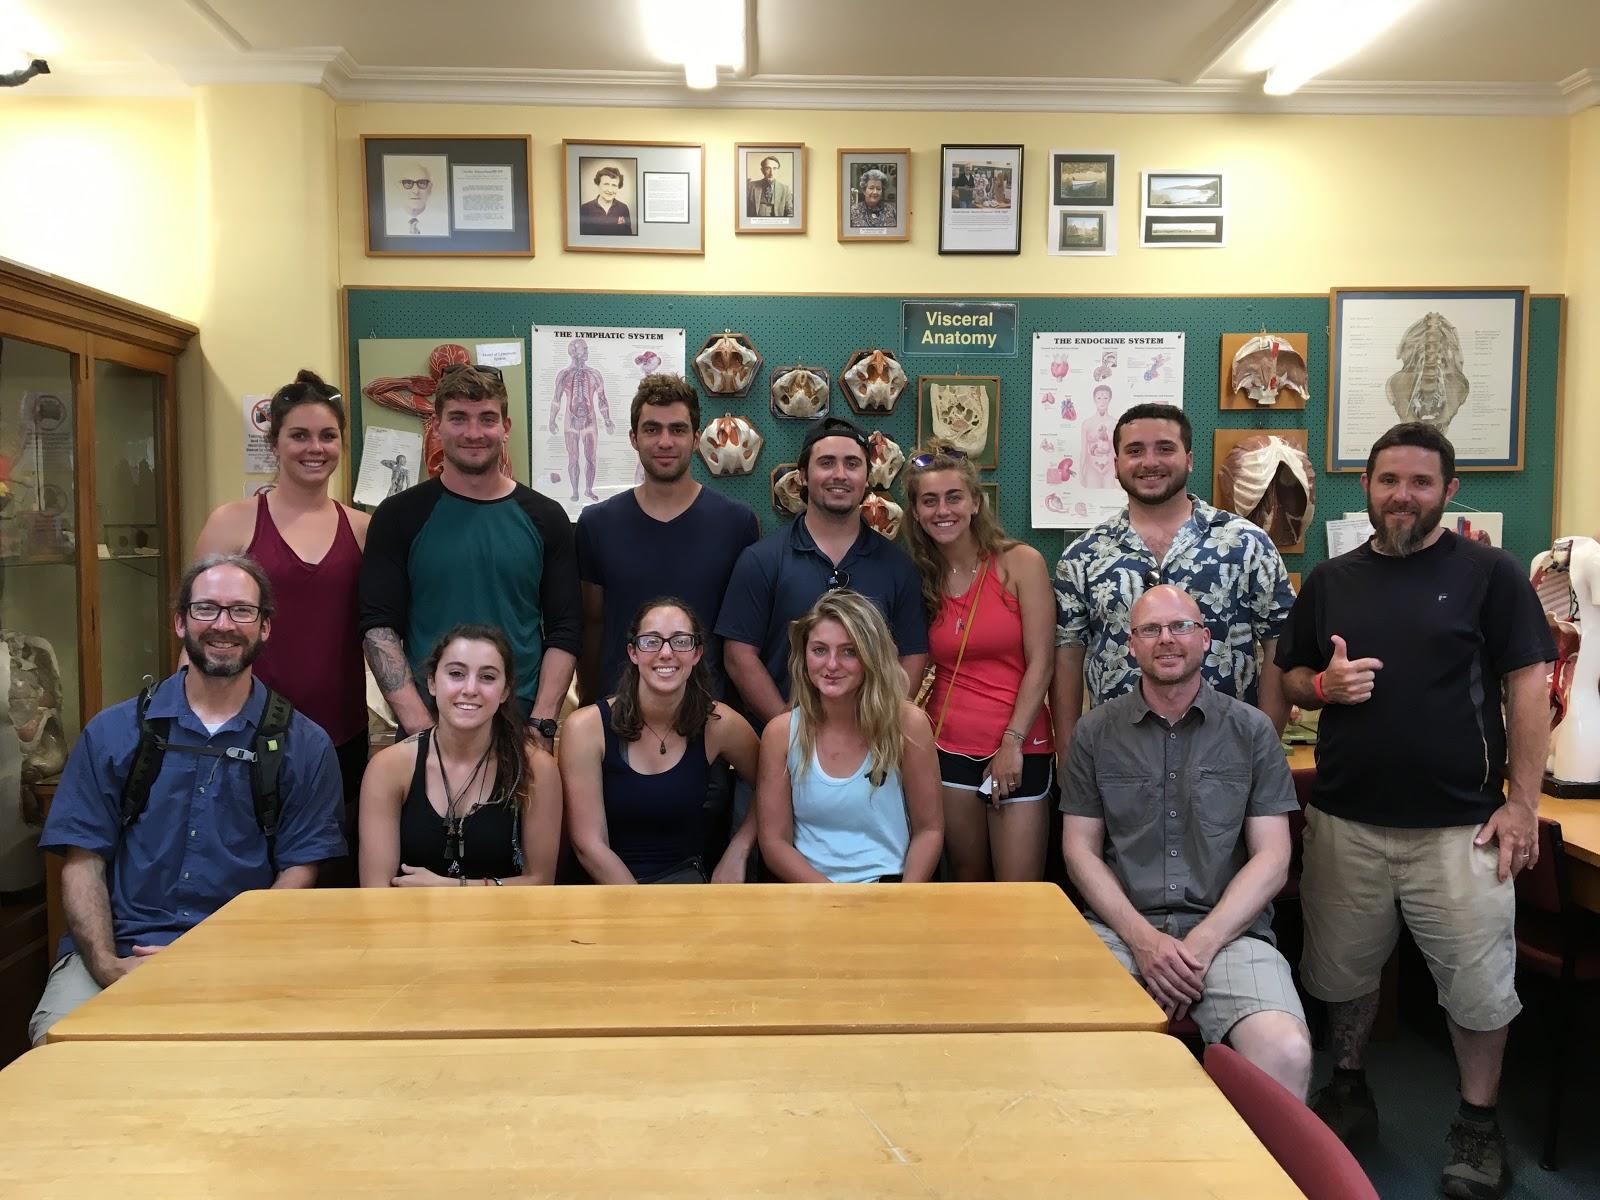 New Zealand Study Abroad 16 January 2018 Dunedin To Christchurch